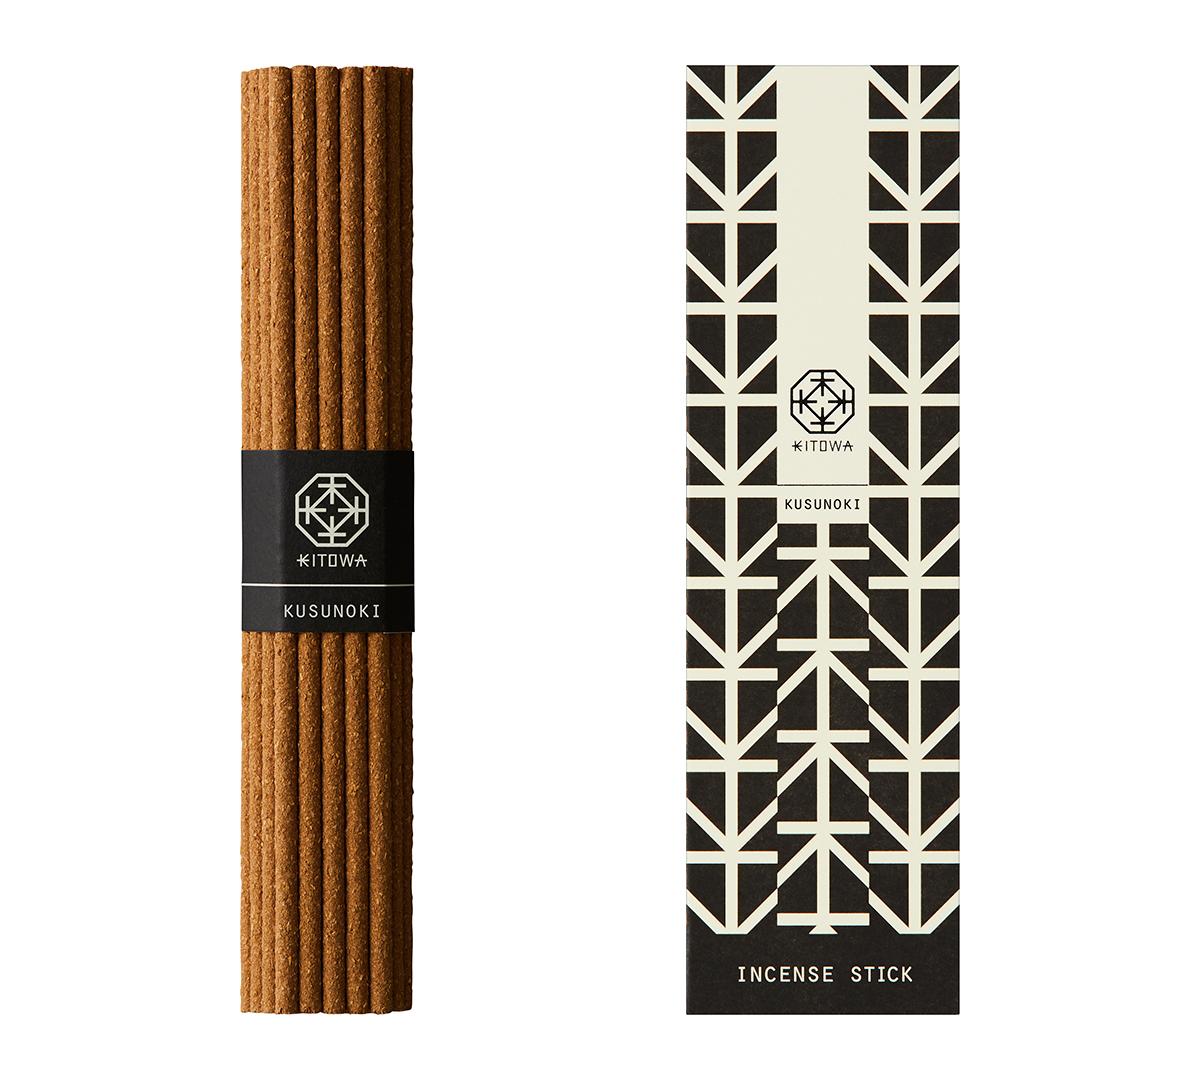 KUSUNOKI(屋久島産のクスノキ)|あなたの部屋がエグゼクティブスイートになる。伝統の薫香技術が生む「香り」で、空間の模様換えが叶うインセンススティック(お香)|KITOWA